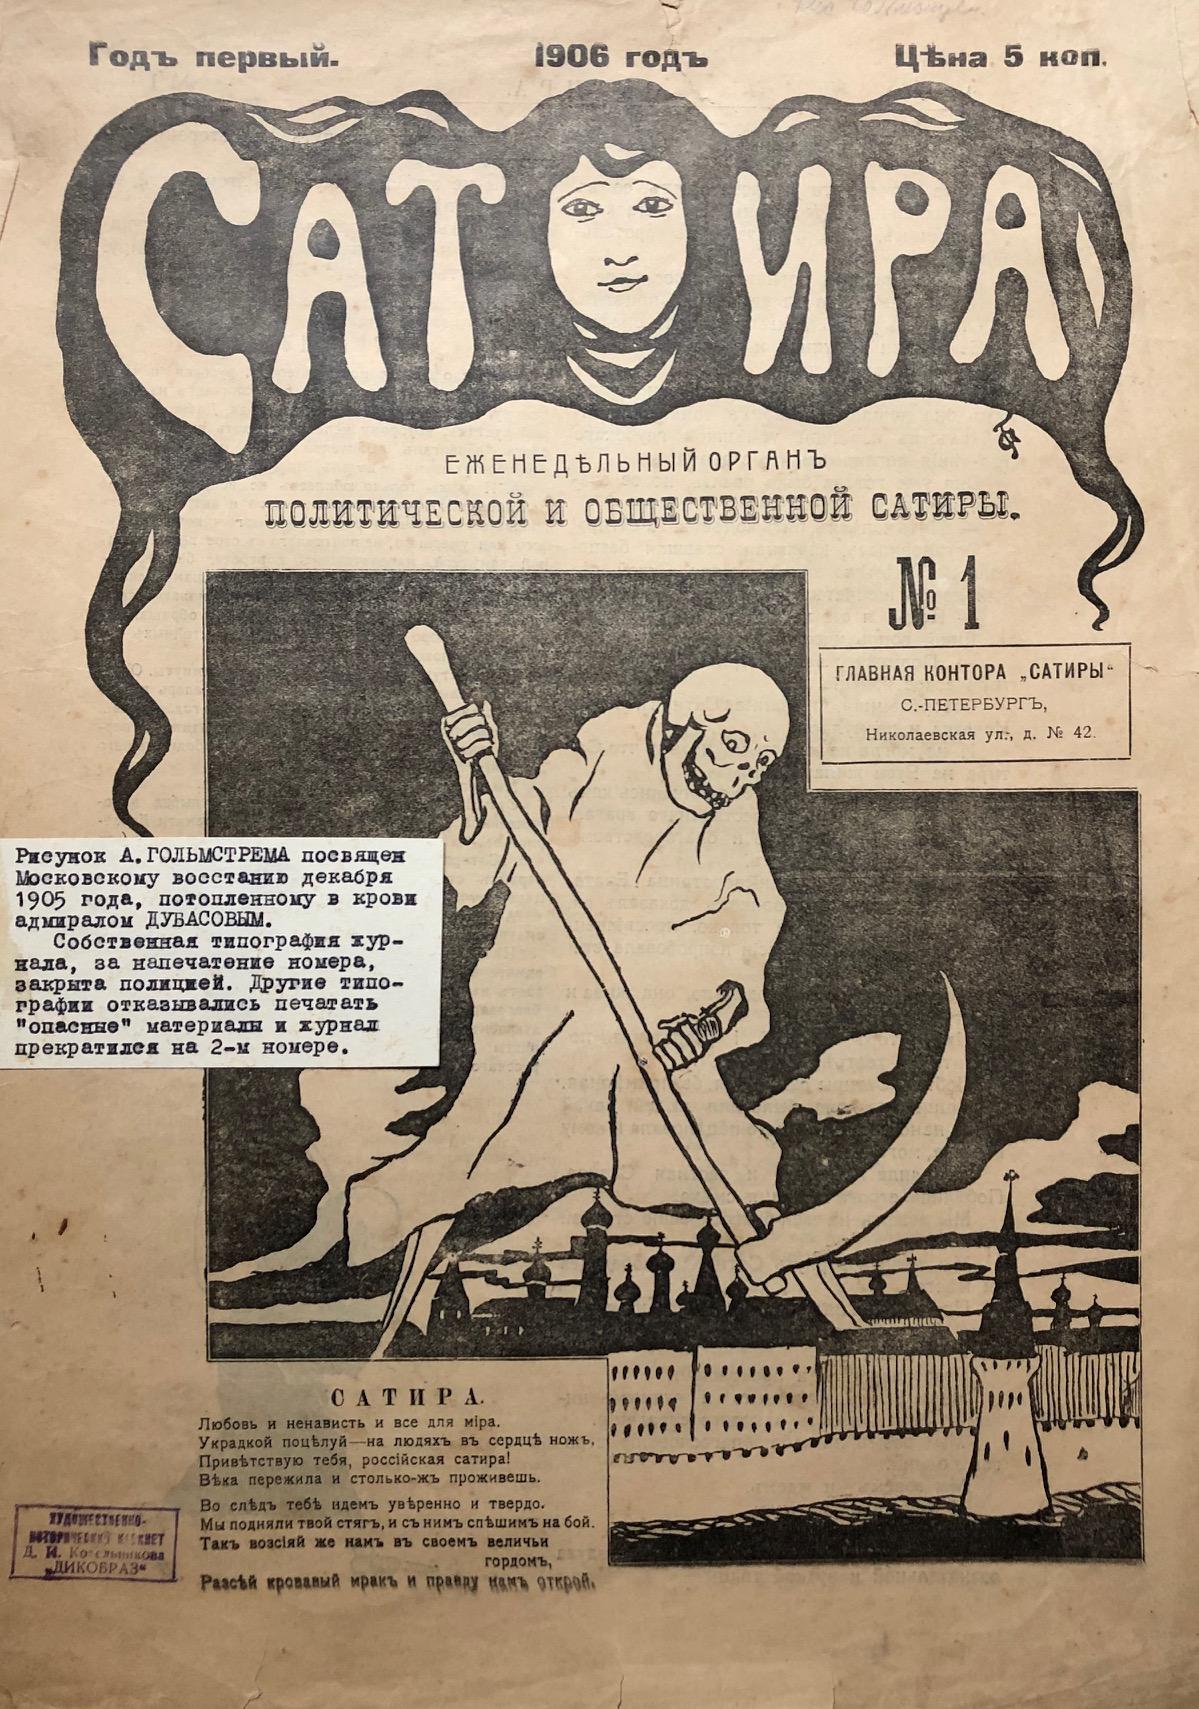 Lot 500 - La satire. Dessin de A. Holmstrem. 1906. Сатира: Художественный [...]